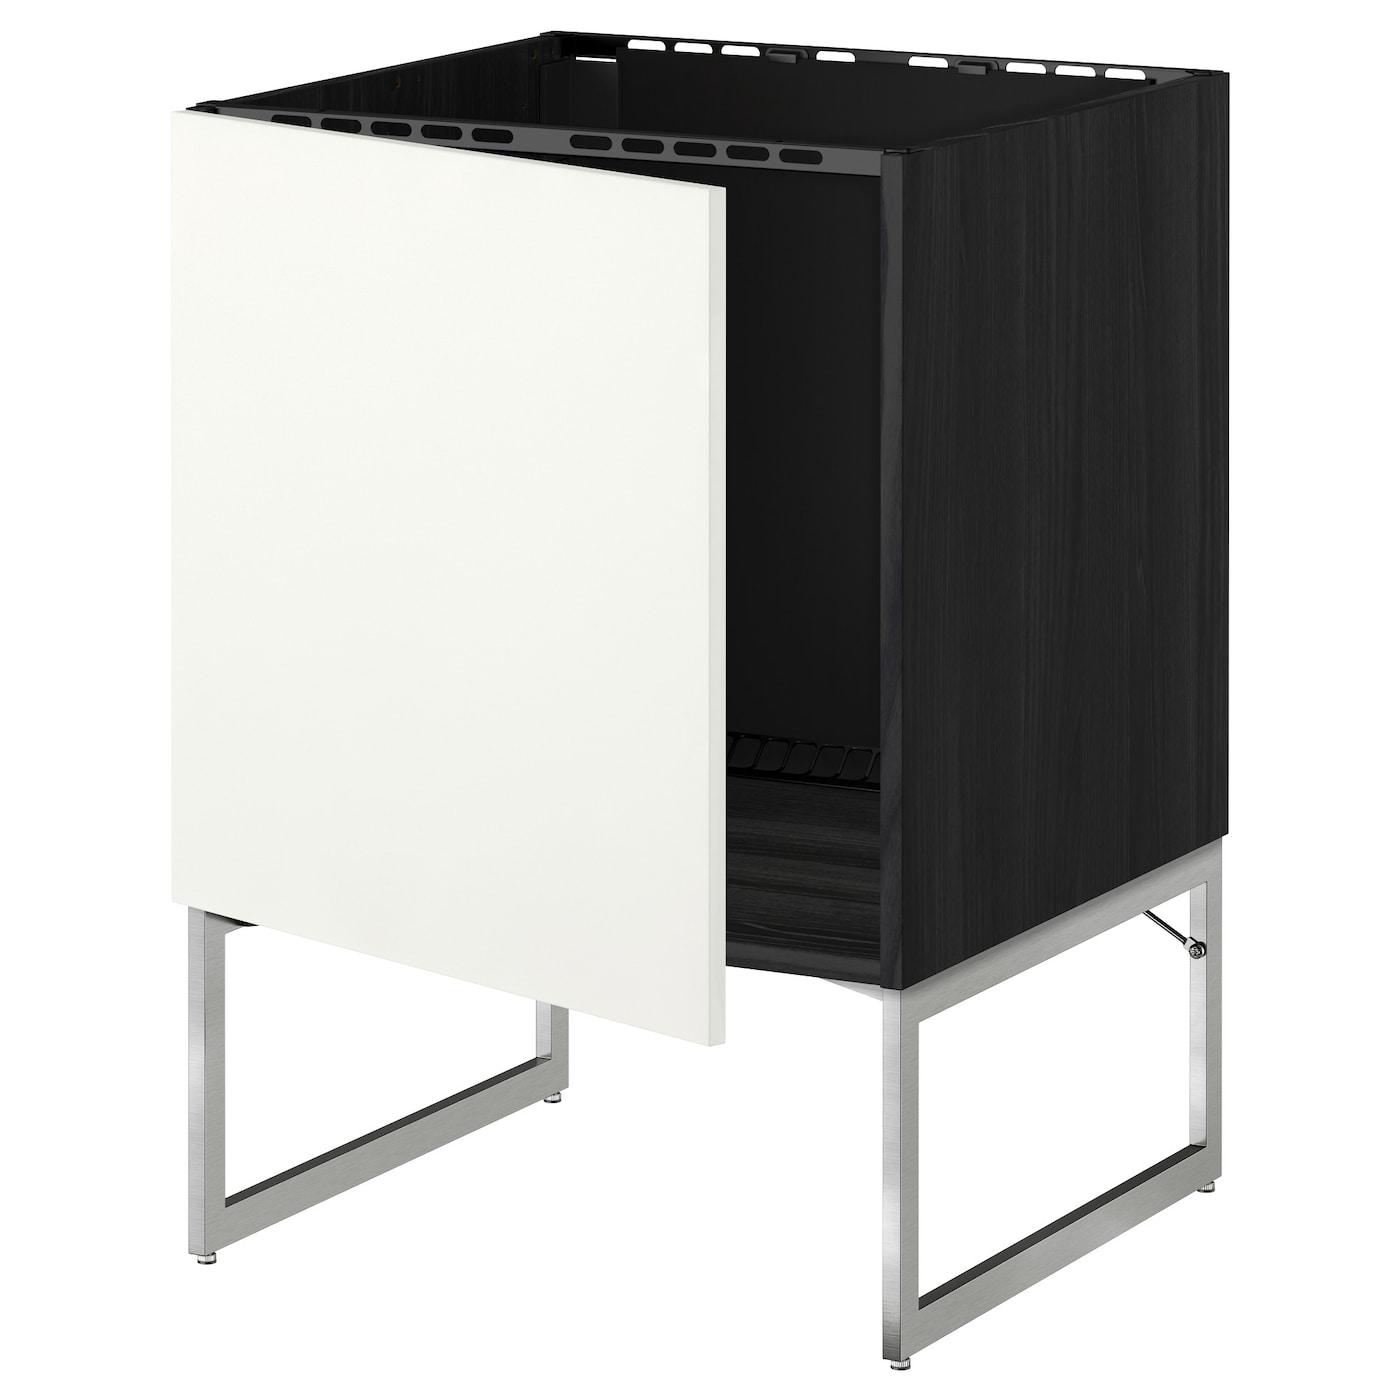 Meuble Bas Cuisine Armoires Basses De Cuisine Ikea # Ikea Meuble Bas Cuisine